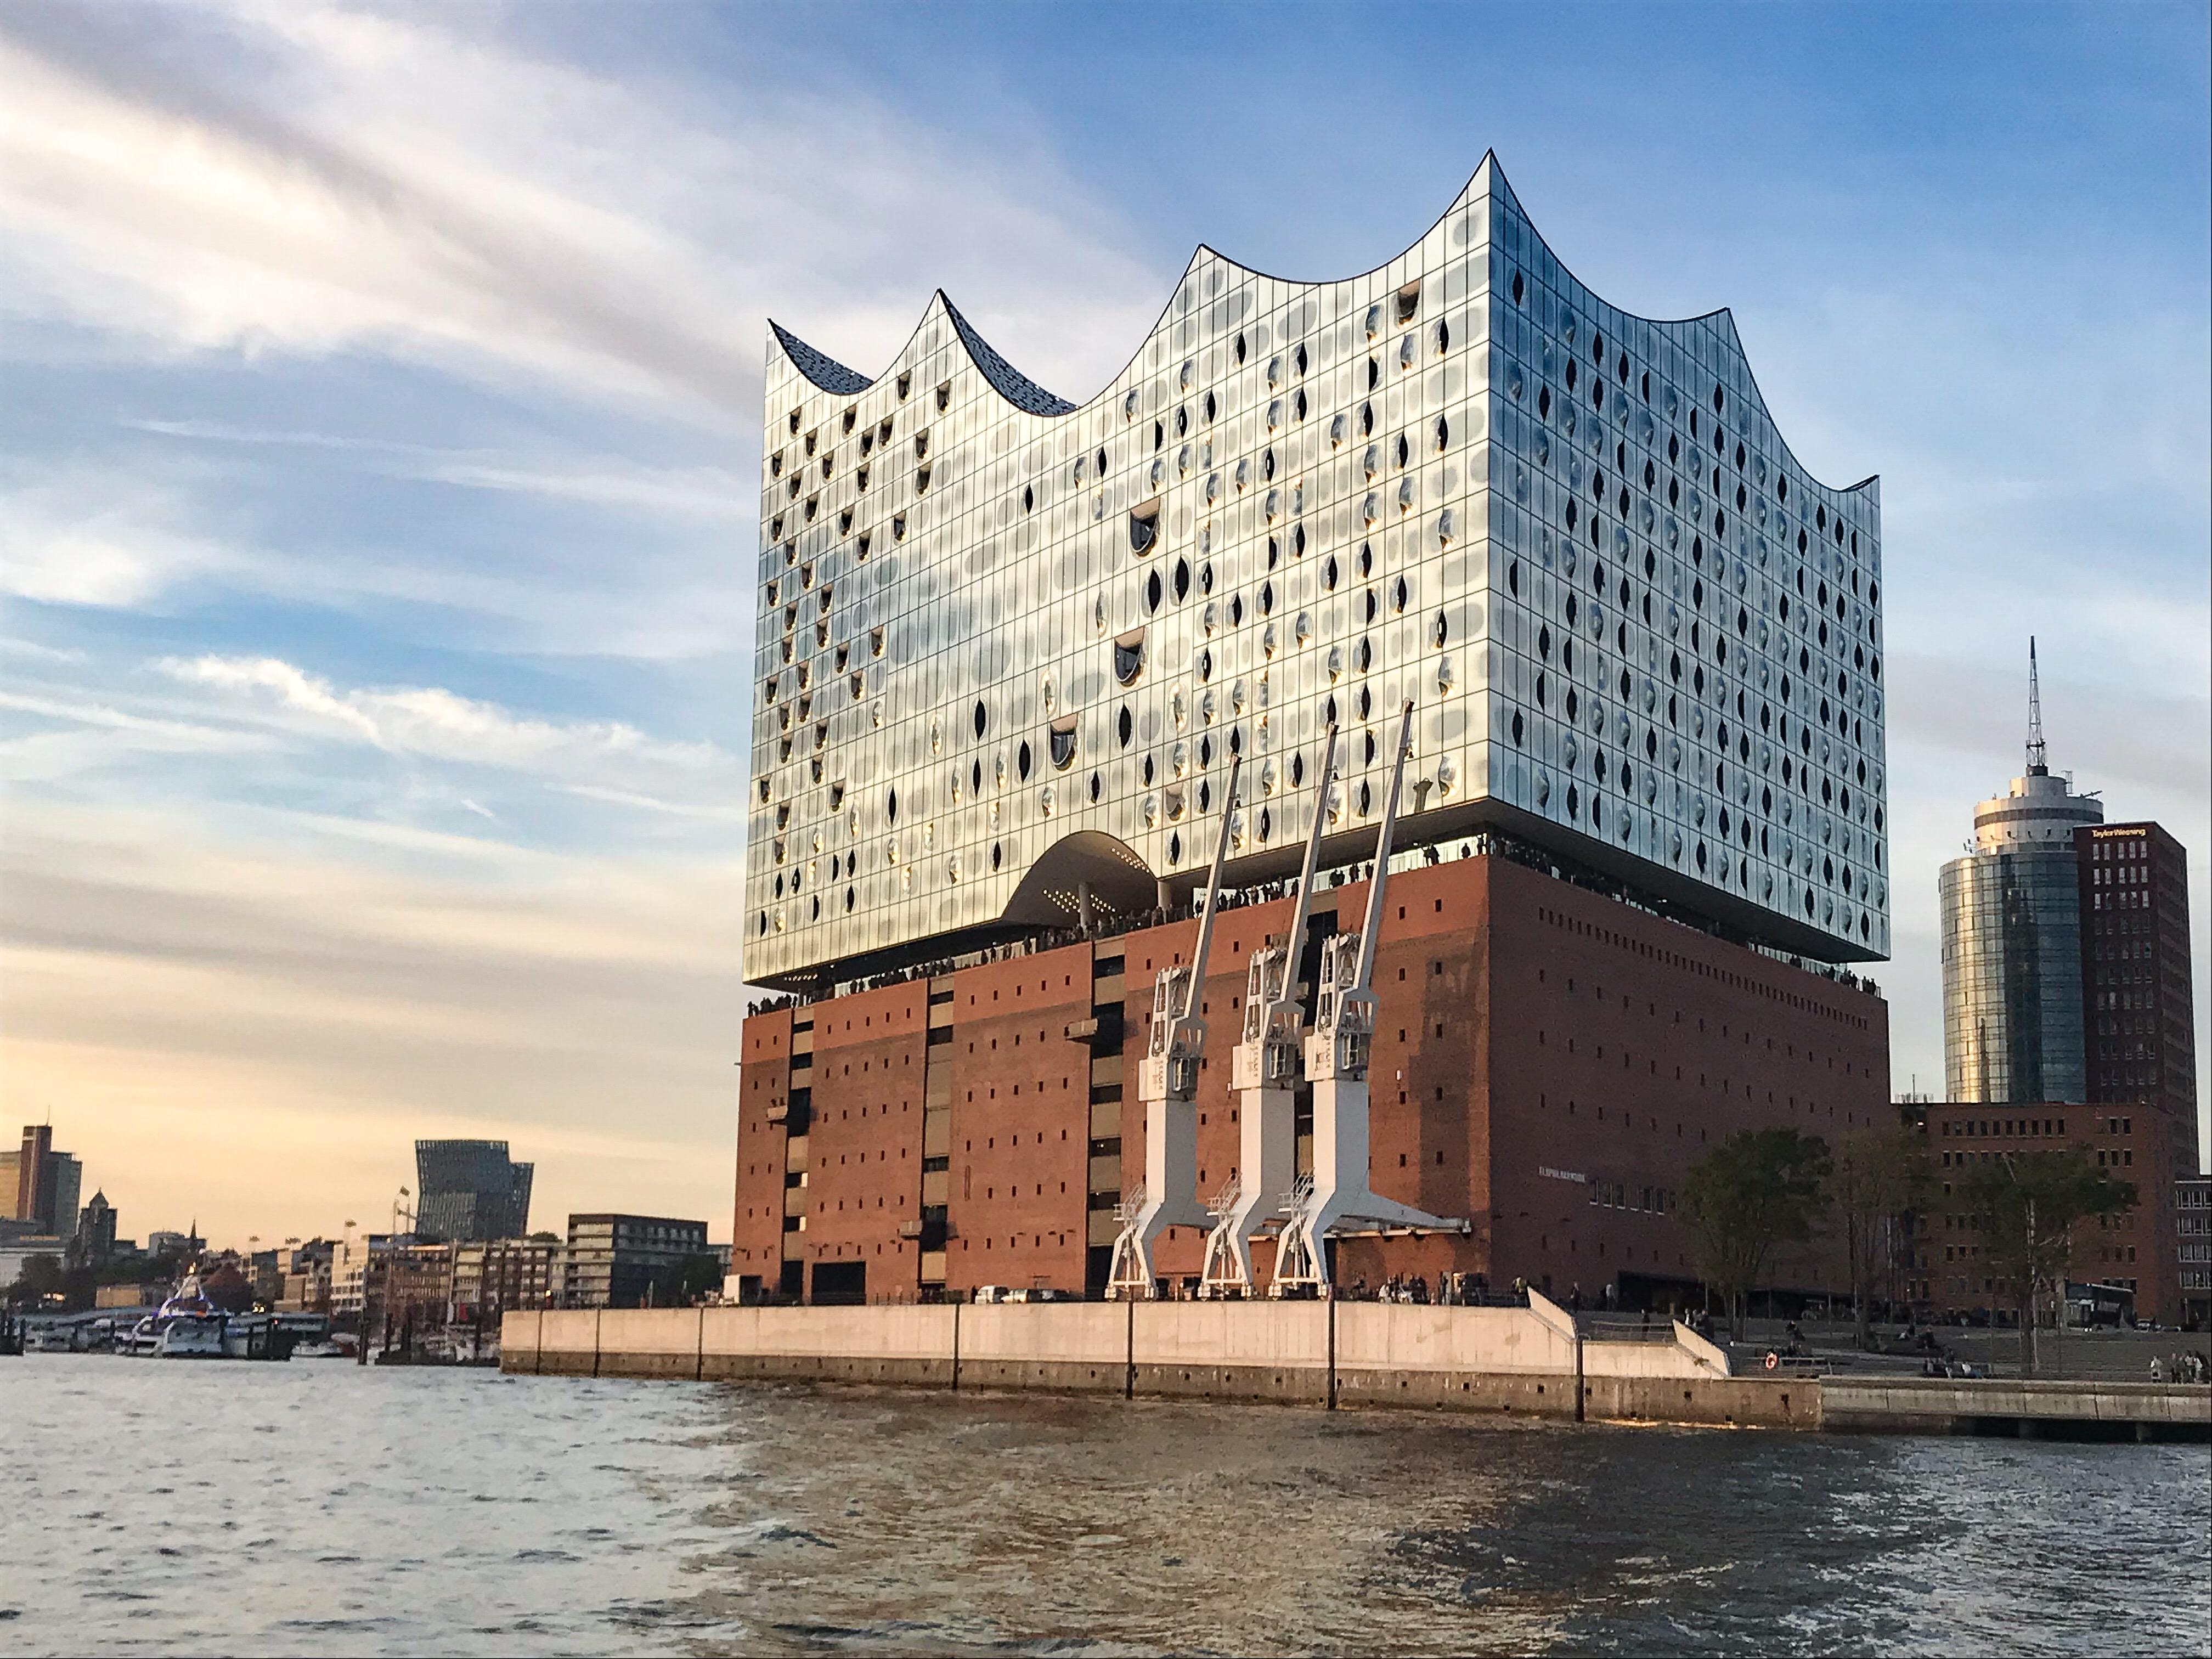 Elbphilharmonie Herzog und de Meuron, Öffentliche Architekturführungen